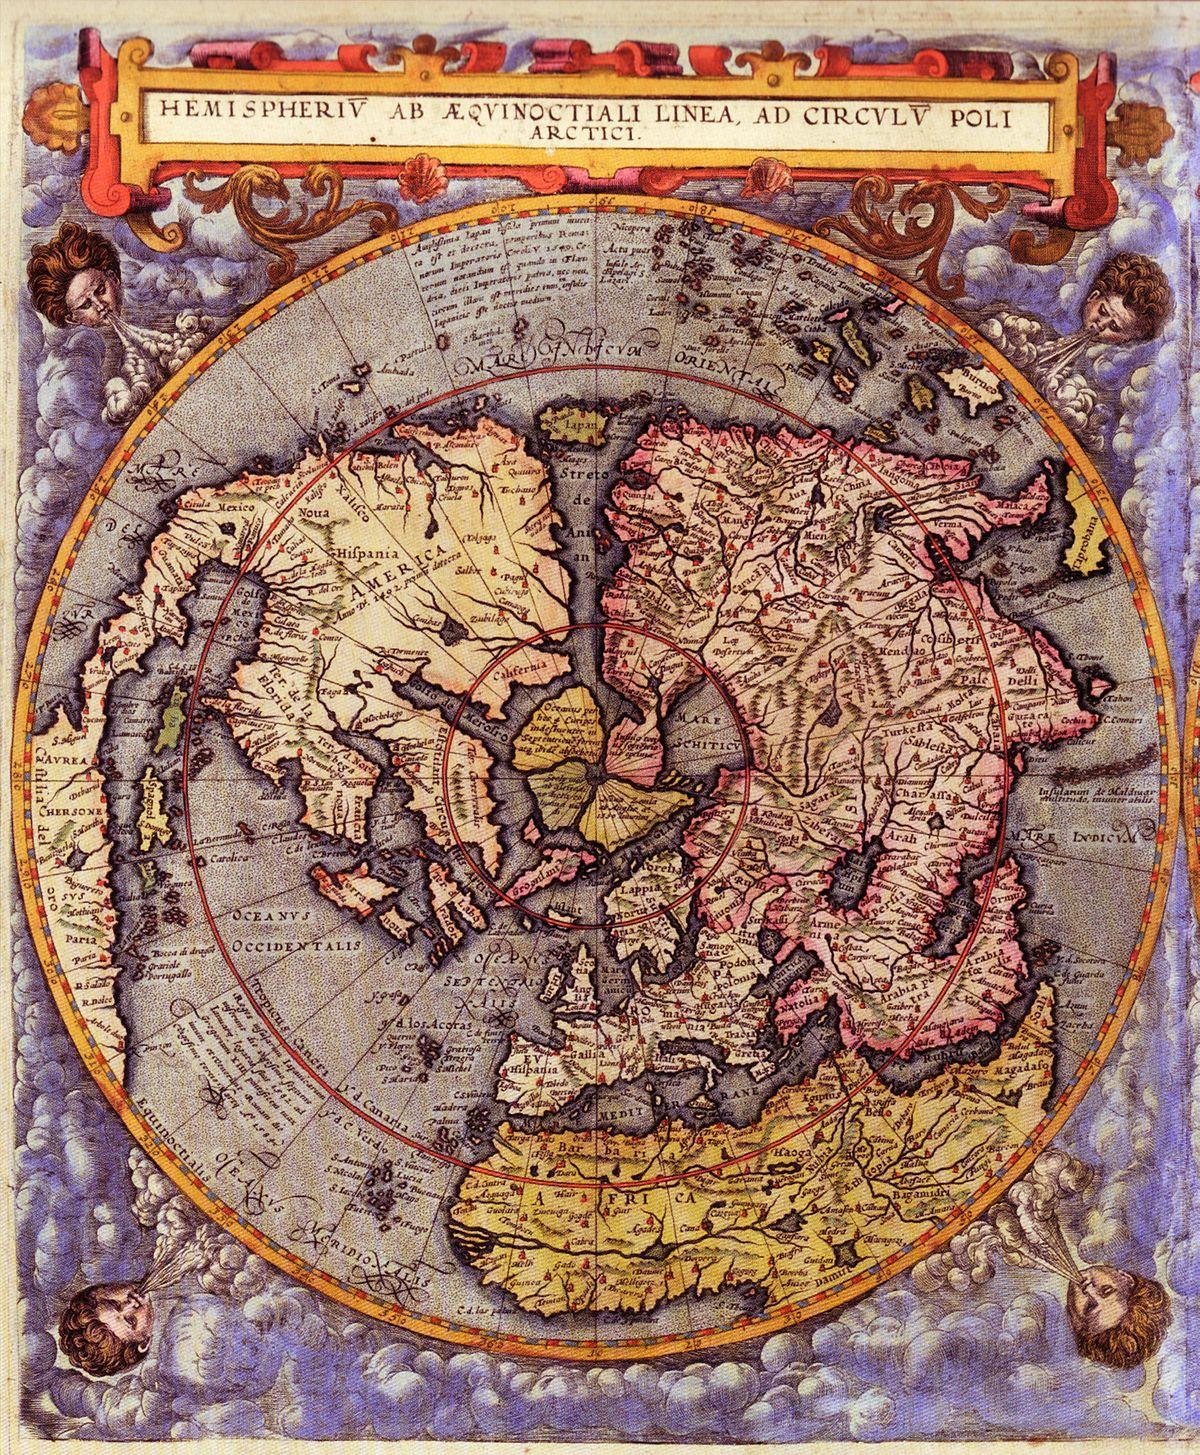 Voyage Et Decouverte Du 16eme Au 18eme Siecle : voyage, decouverte, 16eme, 18eme, siecle, Représentations, Cartes, Monde/Histoire, Carte, Wikiversité